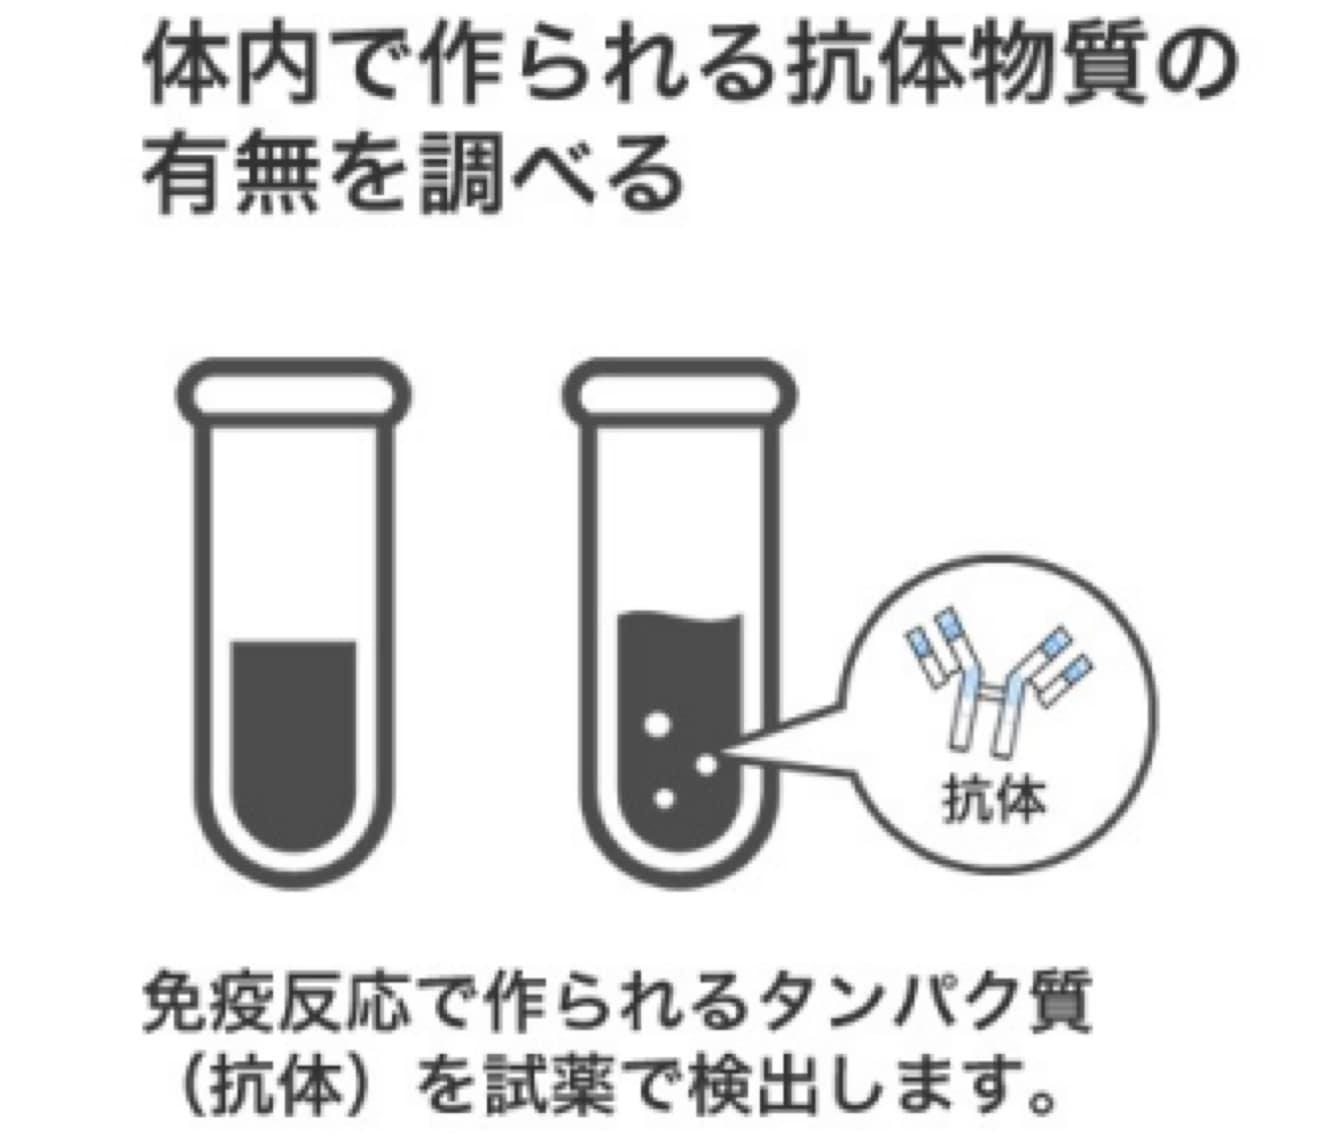 【1キット】新型コロナ抗体検査キット変異ウイルス対応(採血針つき)※平日12時までの決済完了で即日出荷